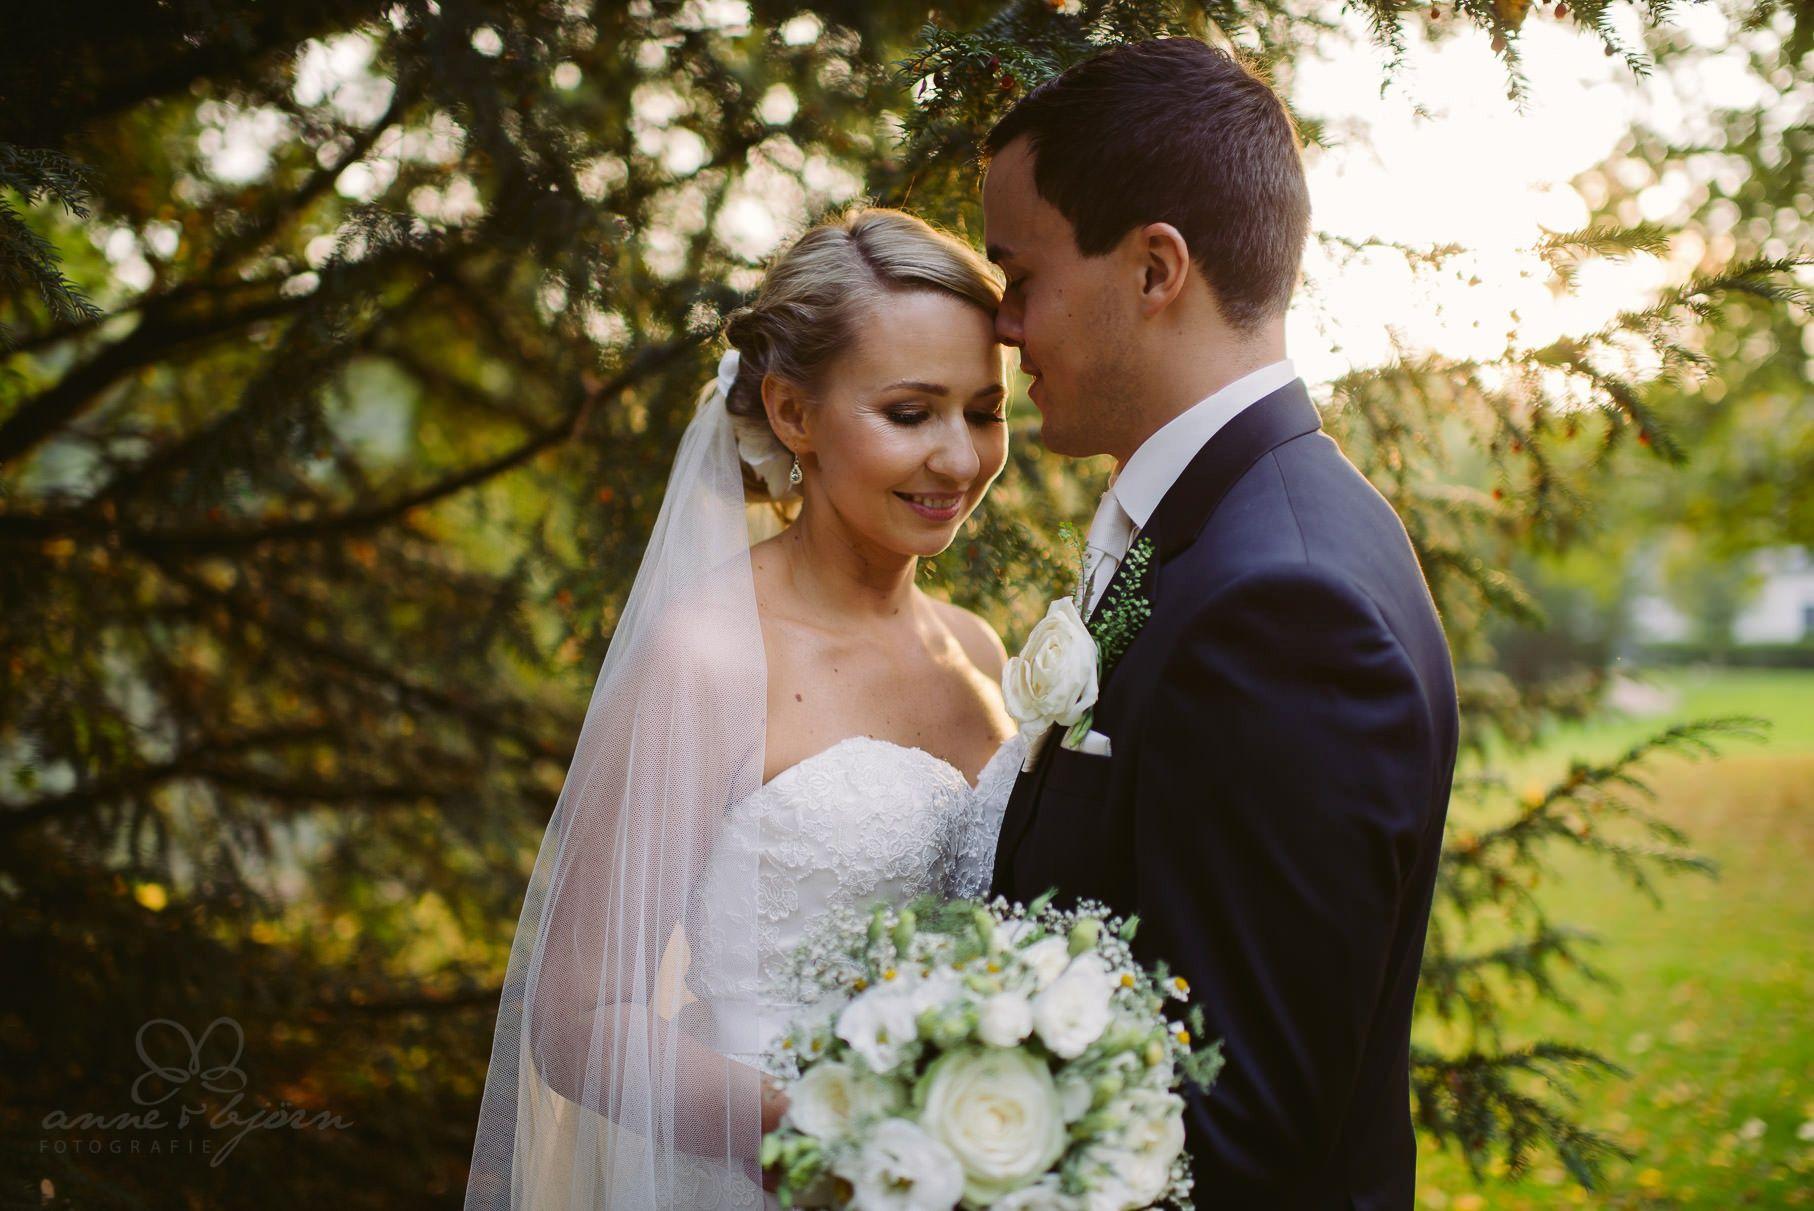 Hochzeit Im Schloss Reinbek Elvira Olaf Hochzeit Tragerloses Hochzeitskleid Hochzeitsfotografie